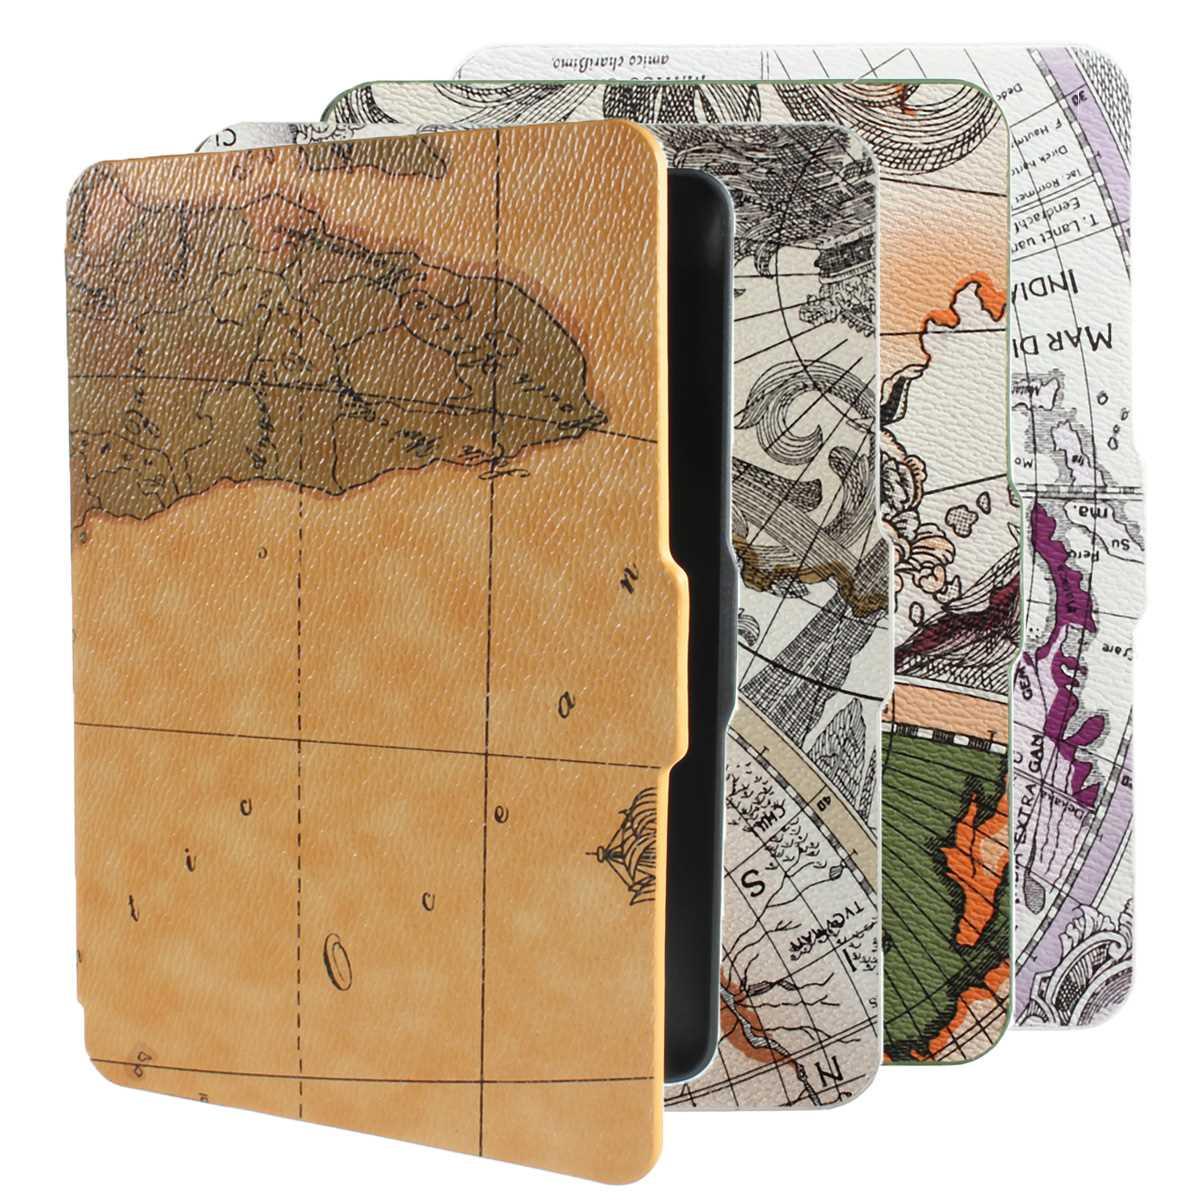 Hot Sale 6 polegada Retro World Map Pattens Inteligente Couro PU Anti  Poeira kindle Paperwhite case capa com despertar  função do sono em Caso  Tablets ... f32d66912c